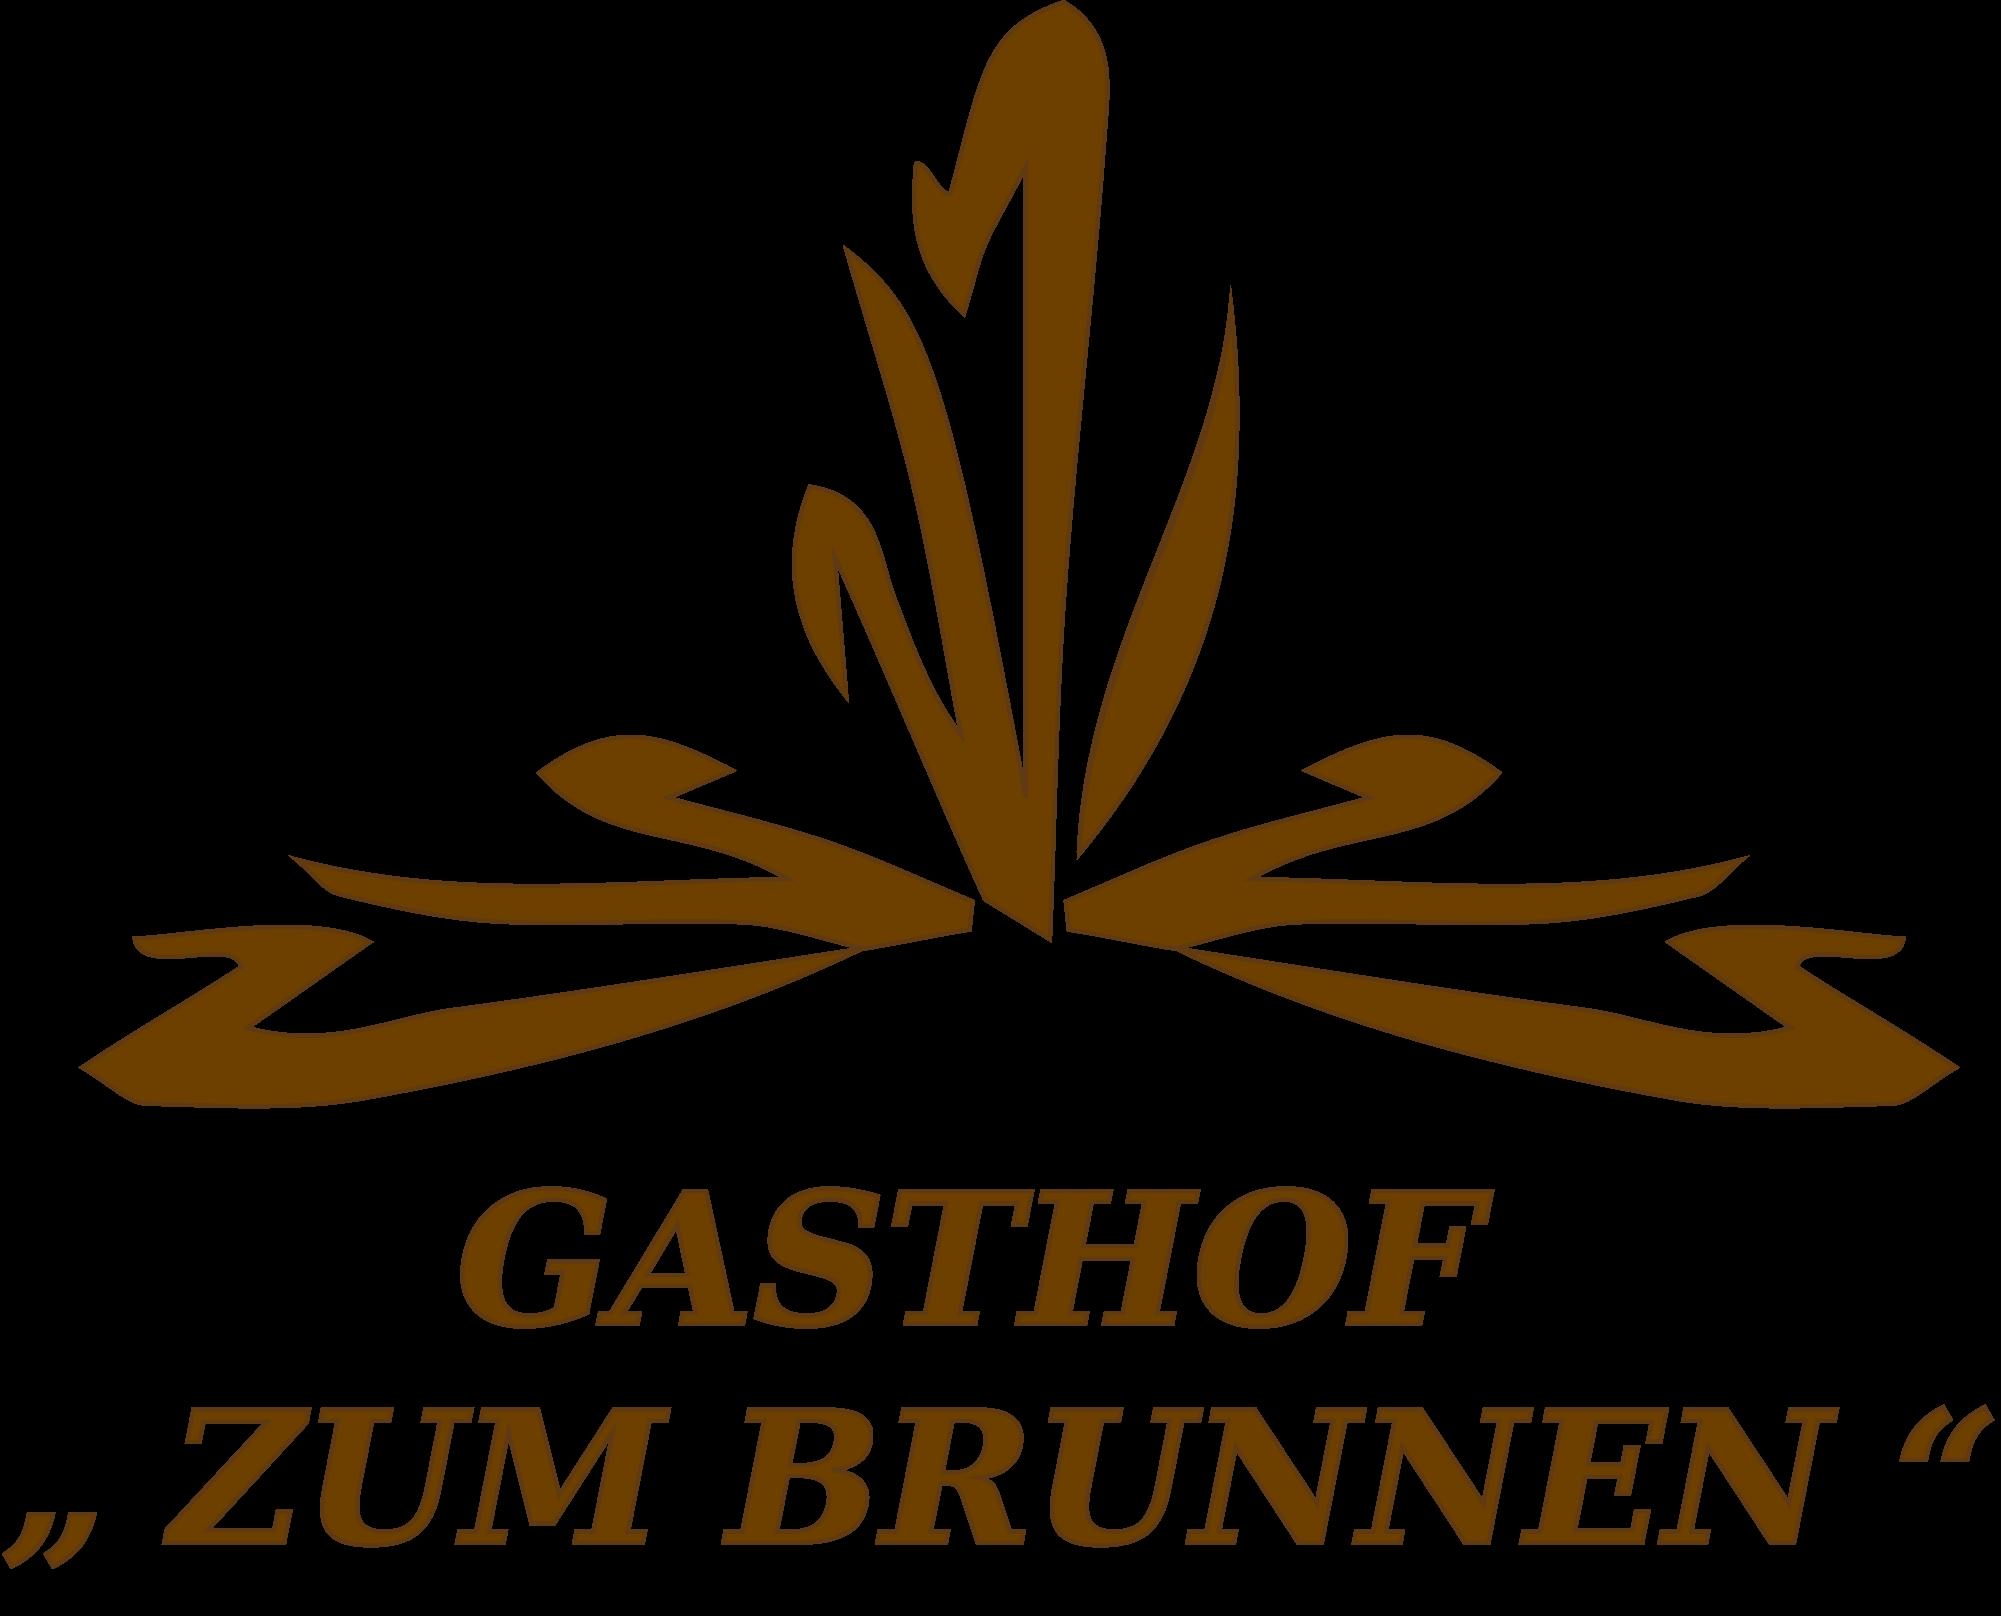 """Gasthof """"Zum Brunnen"""""""